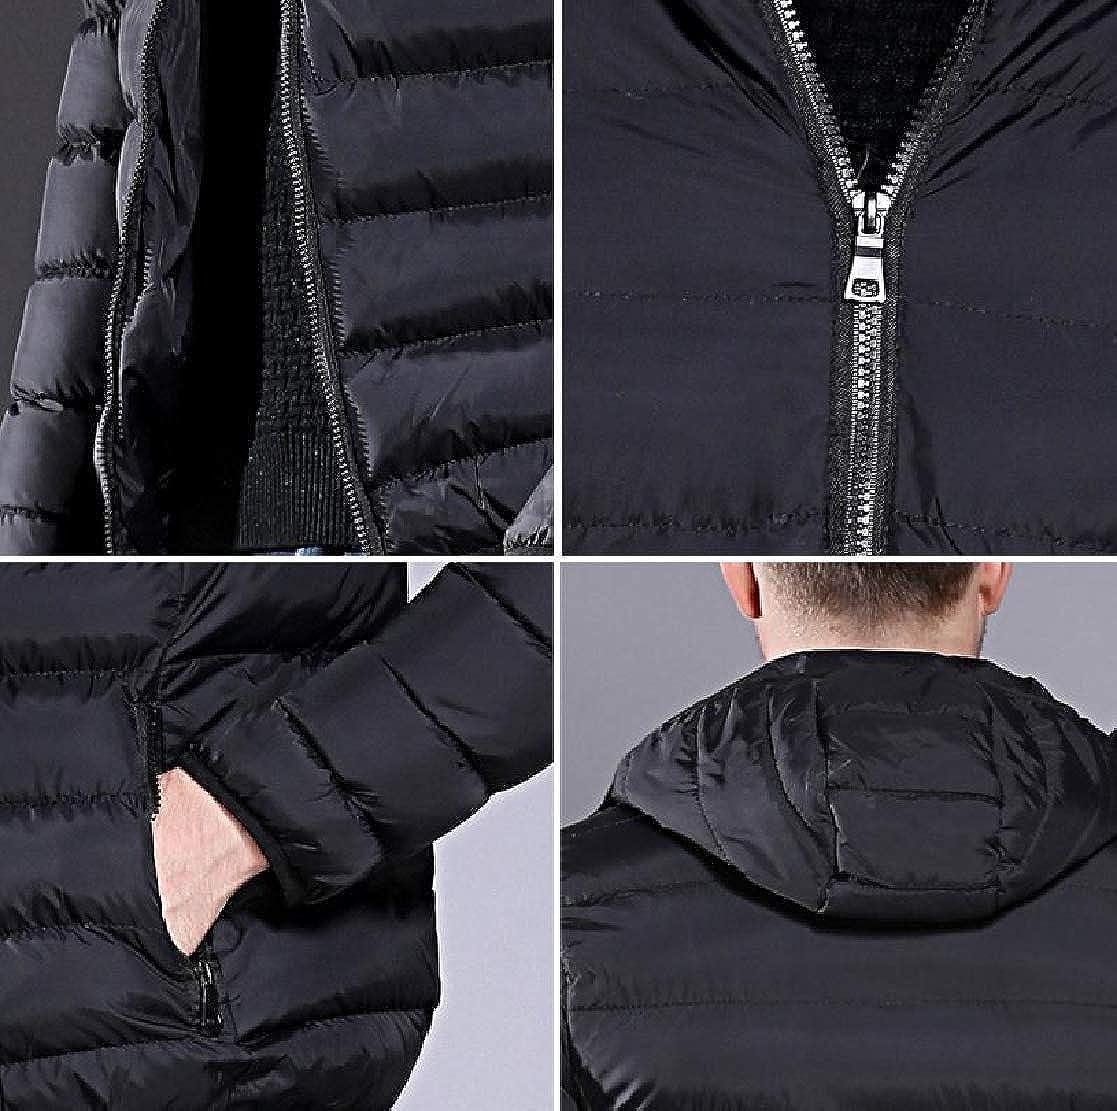 YUNY Mens Qualited Warm Waterproof Hood Outwear Zip-up Winter Parka Jacket Black L